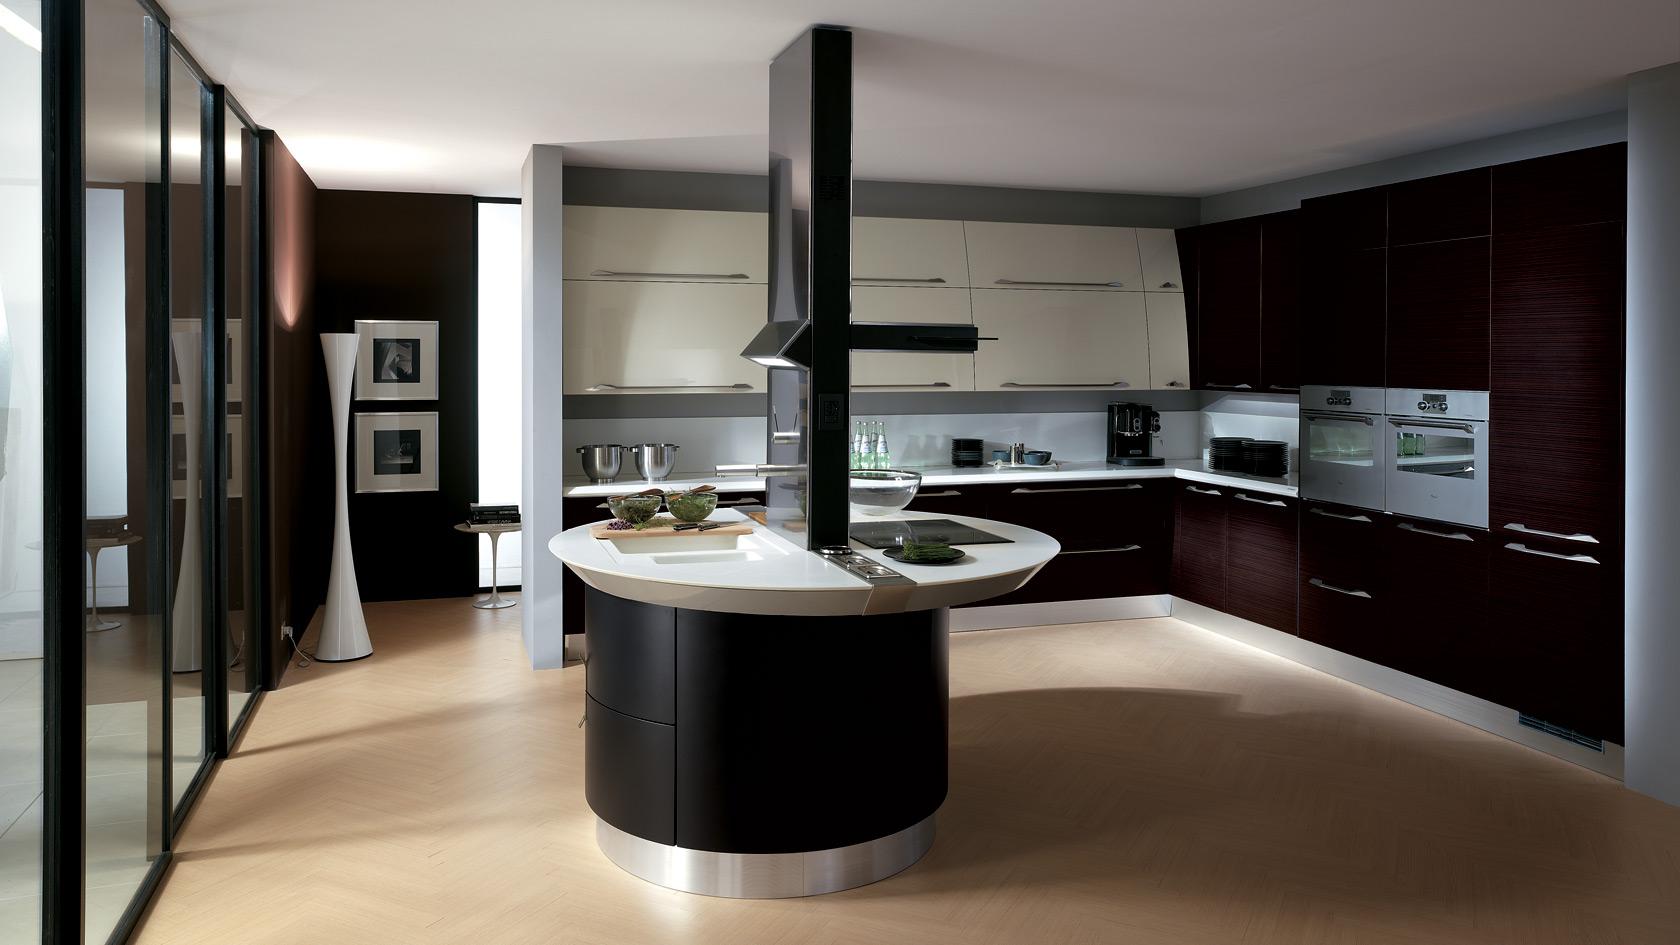 КухнЯ. дизайн. фото кухни от фабрицио джуджаро (fabrizio giu.